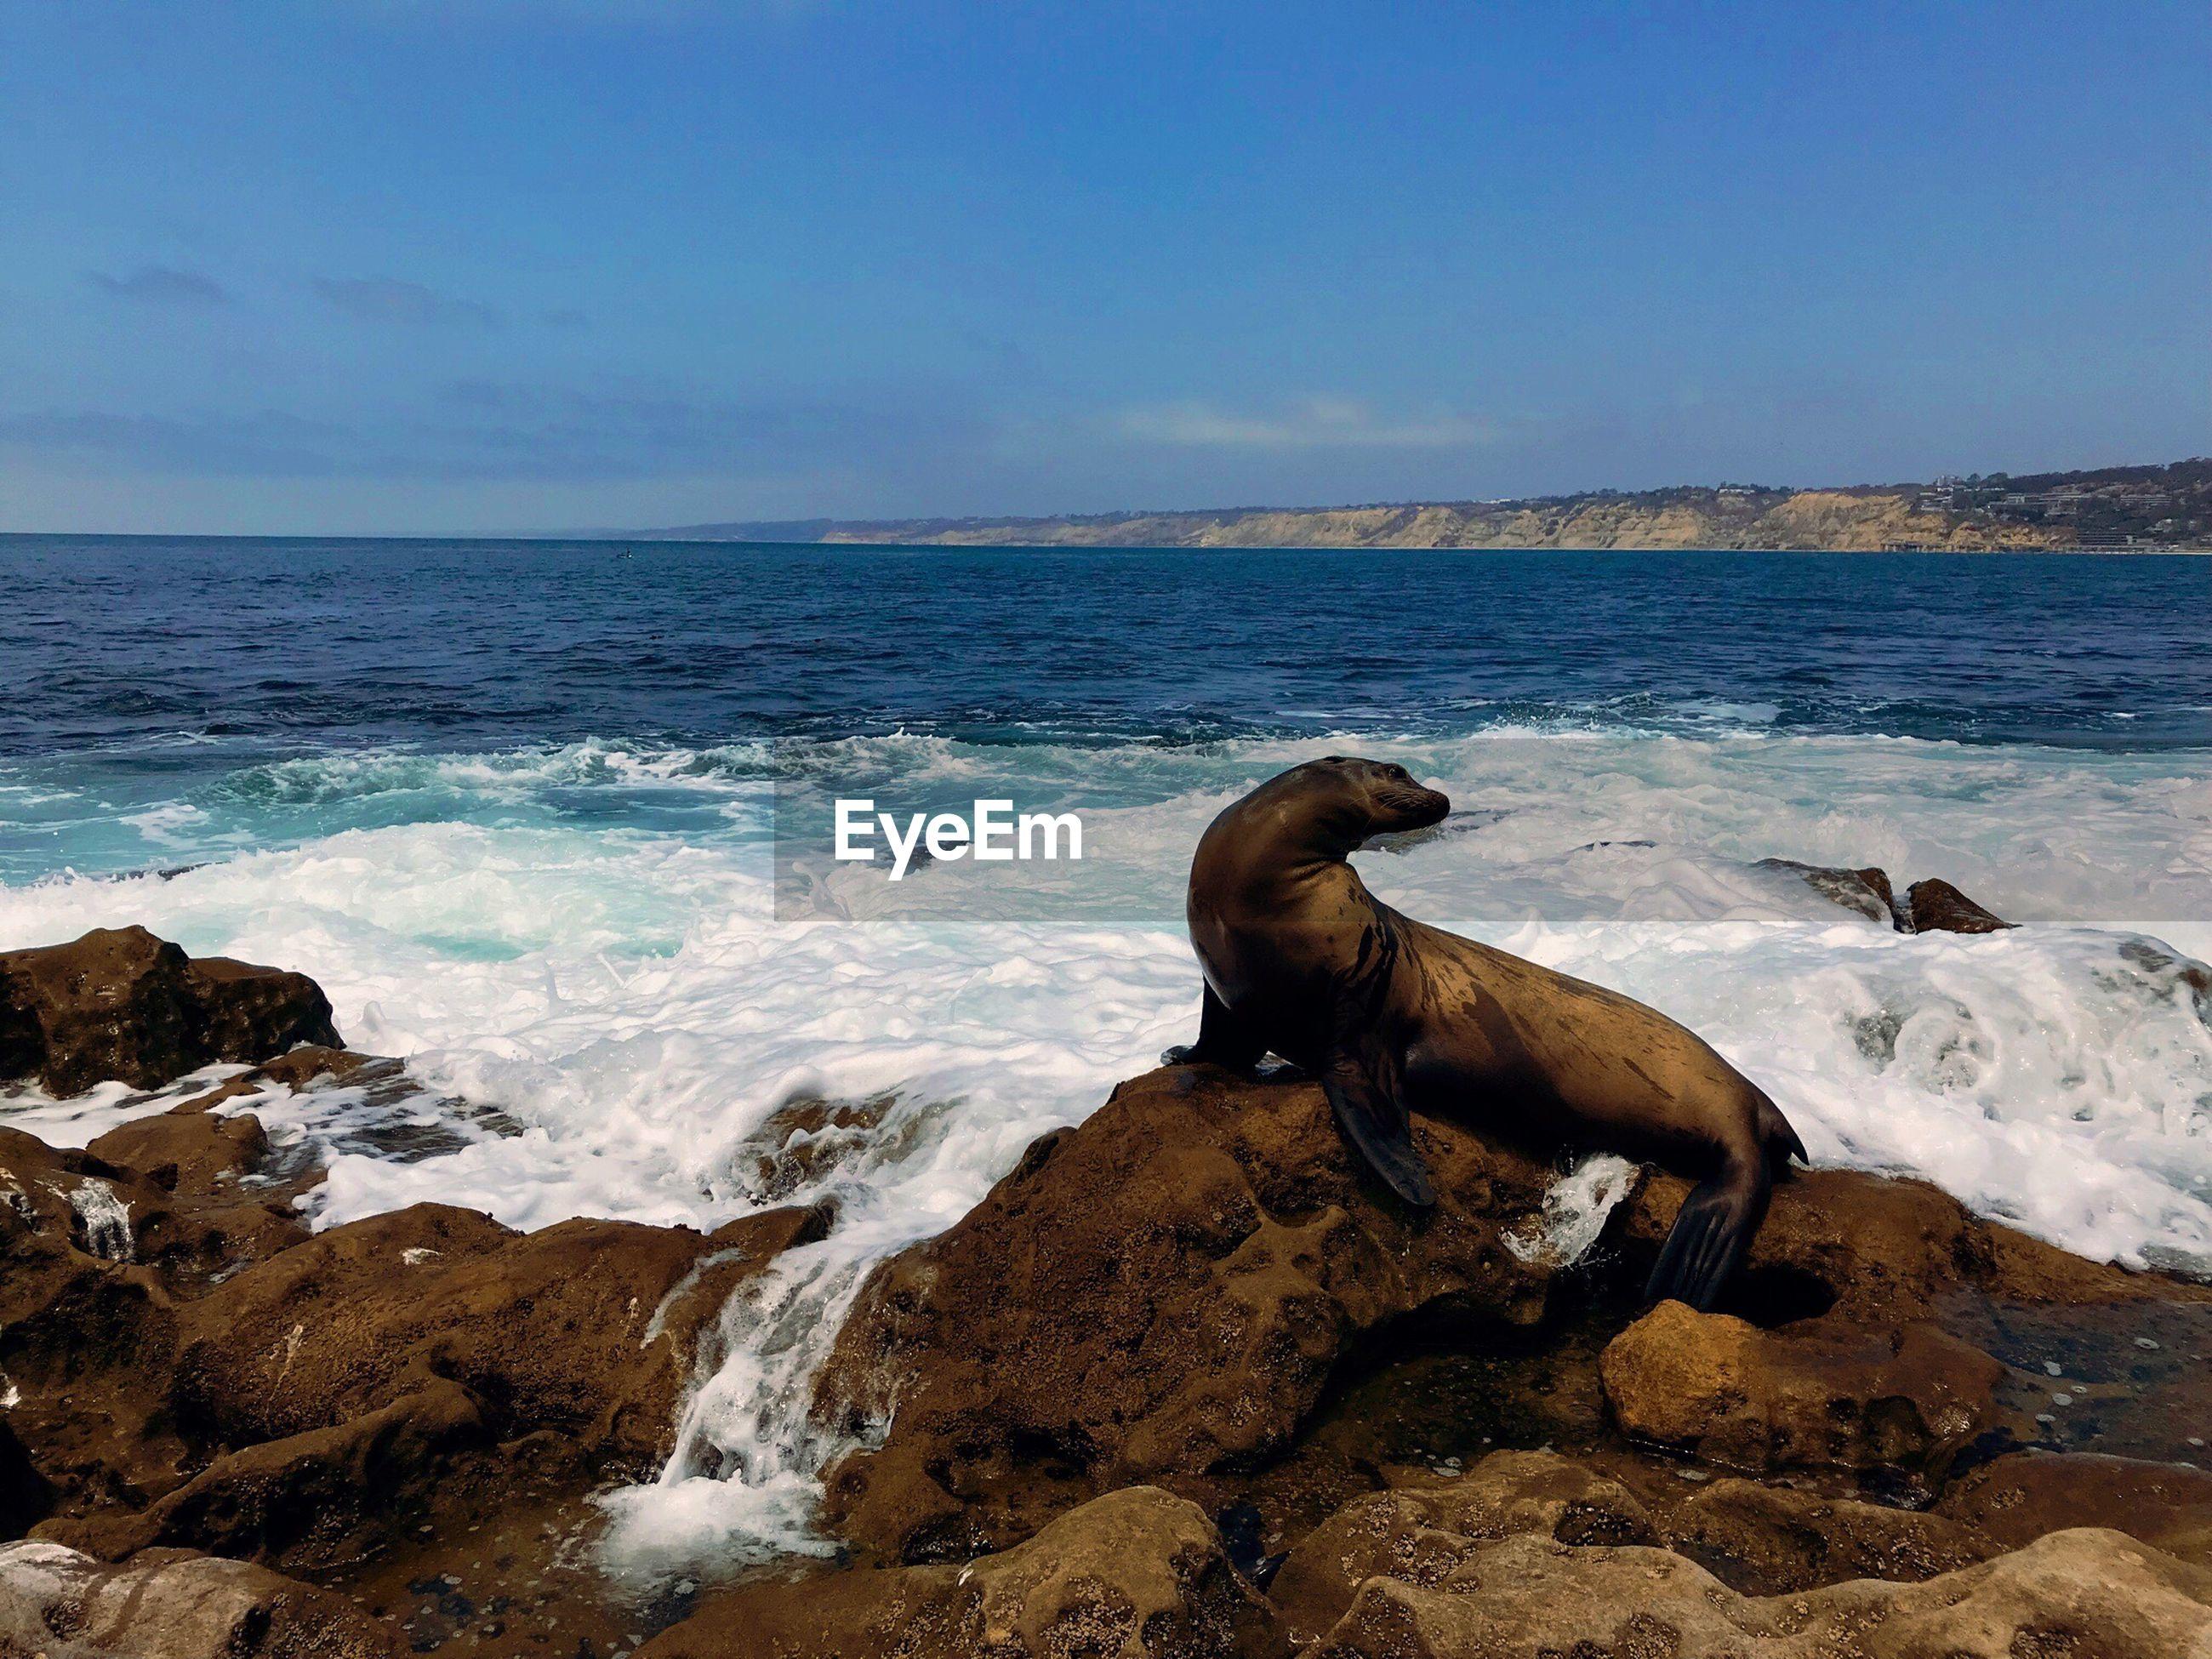 SEA WAVES ON ROCKS AT SHORE